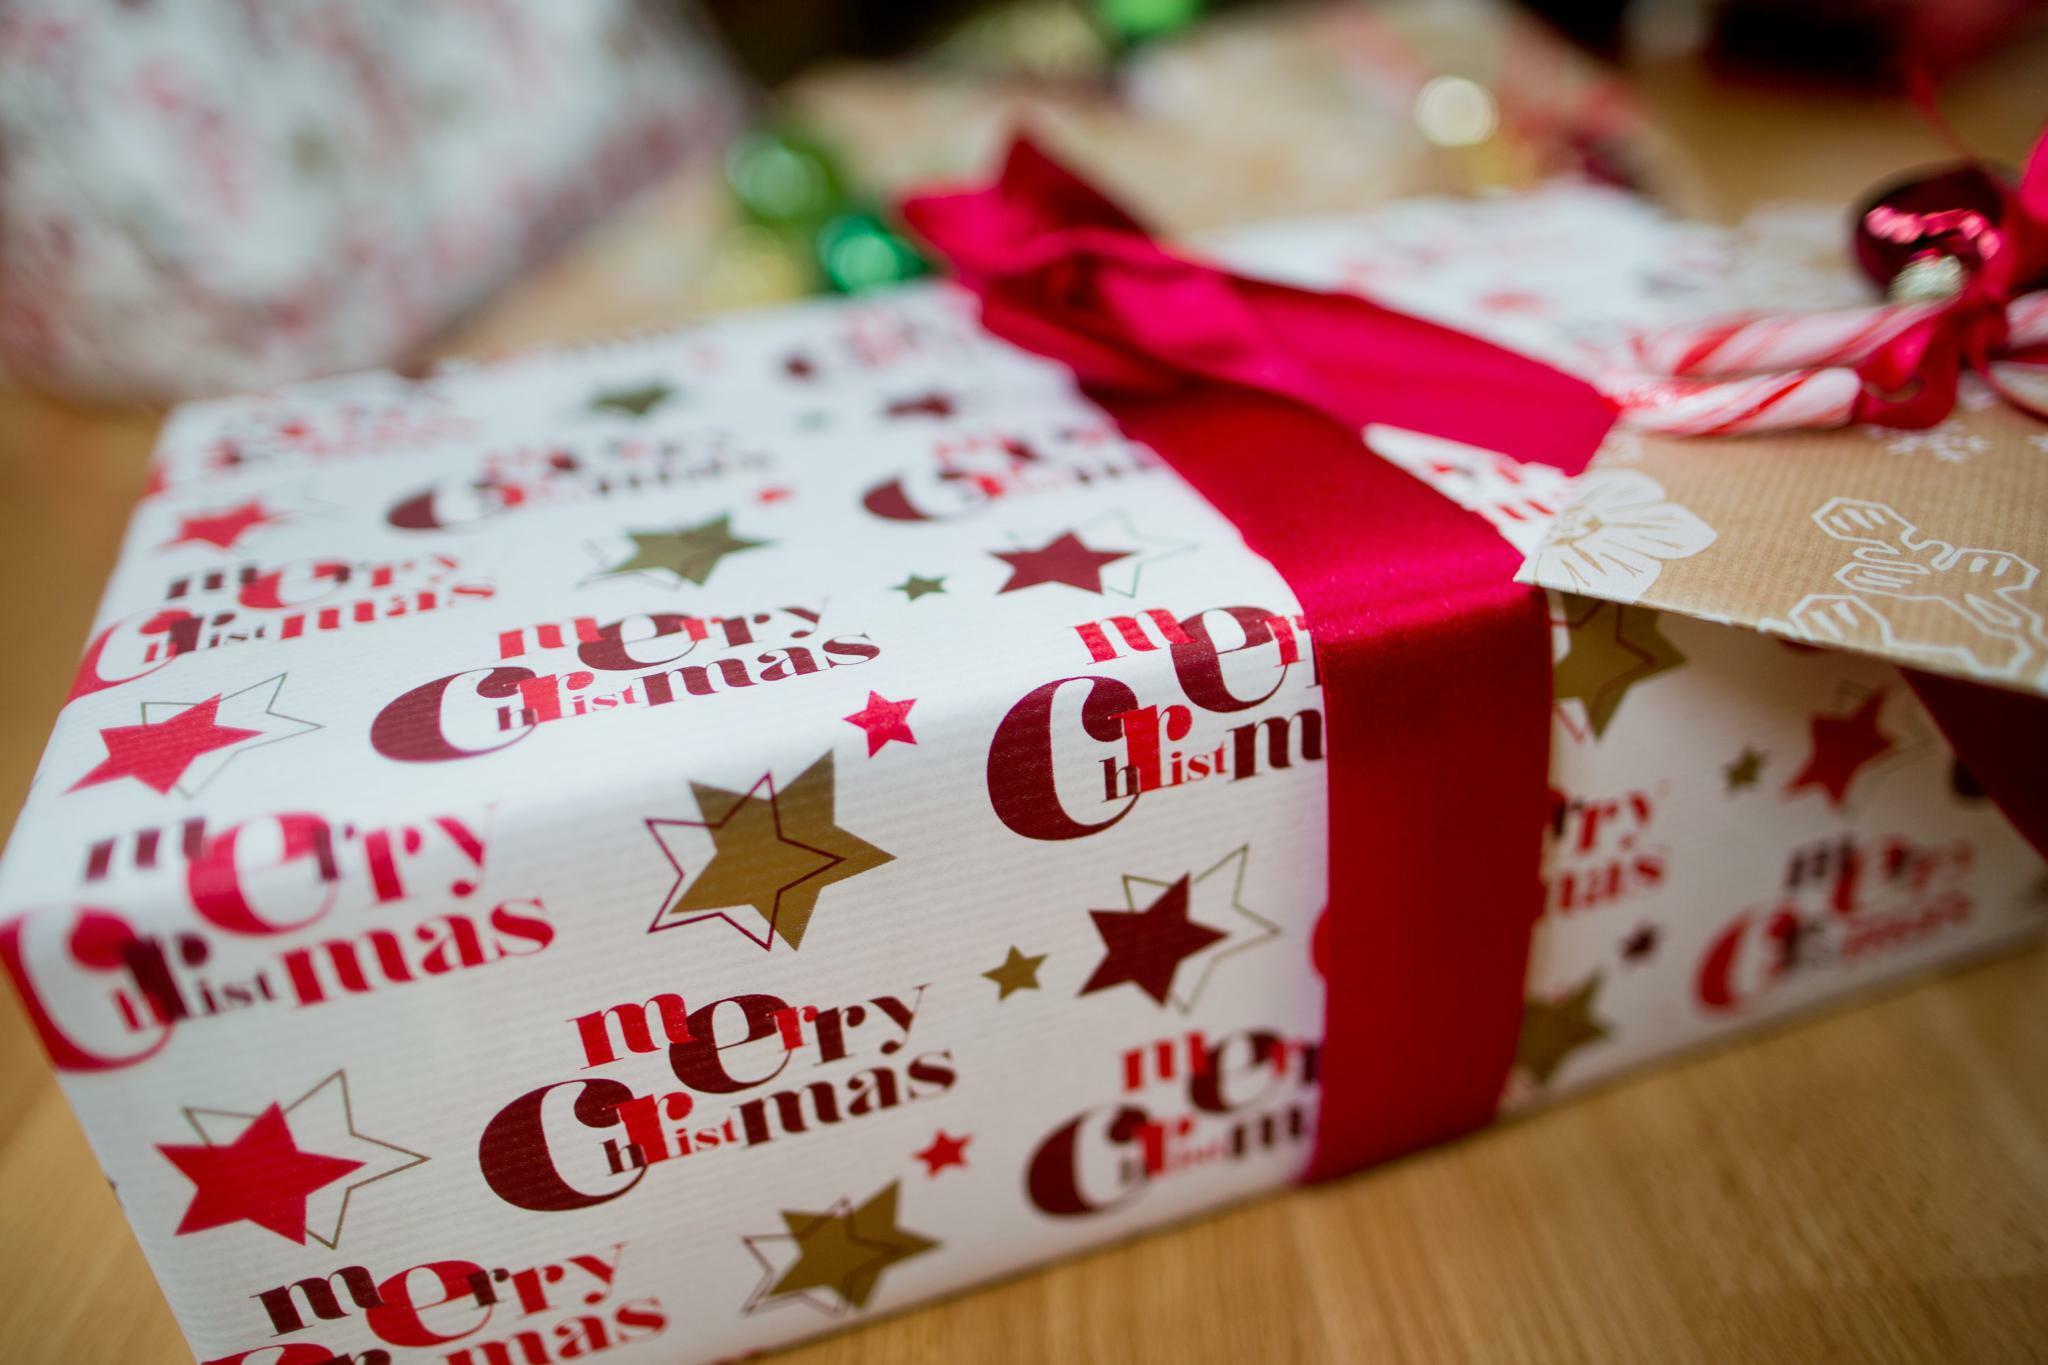 Diese 10 Weihnachtsgeschenke wurden am häufigsten umgetauscht